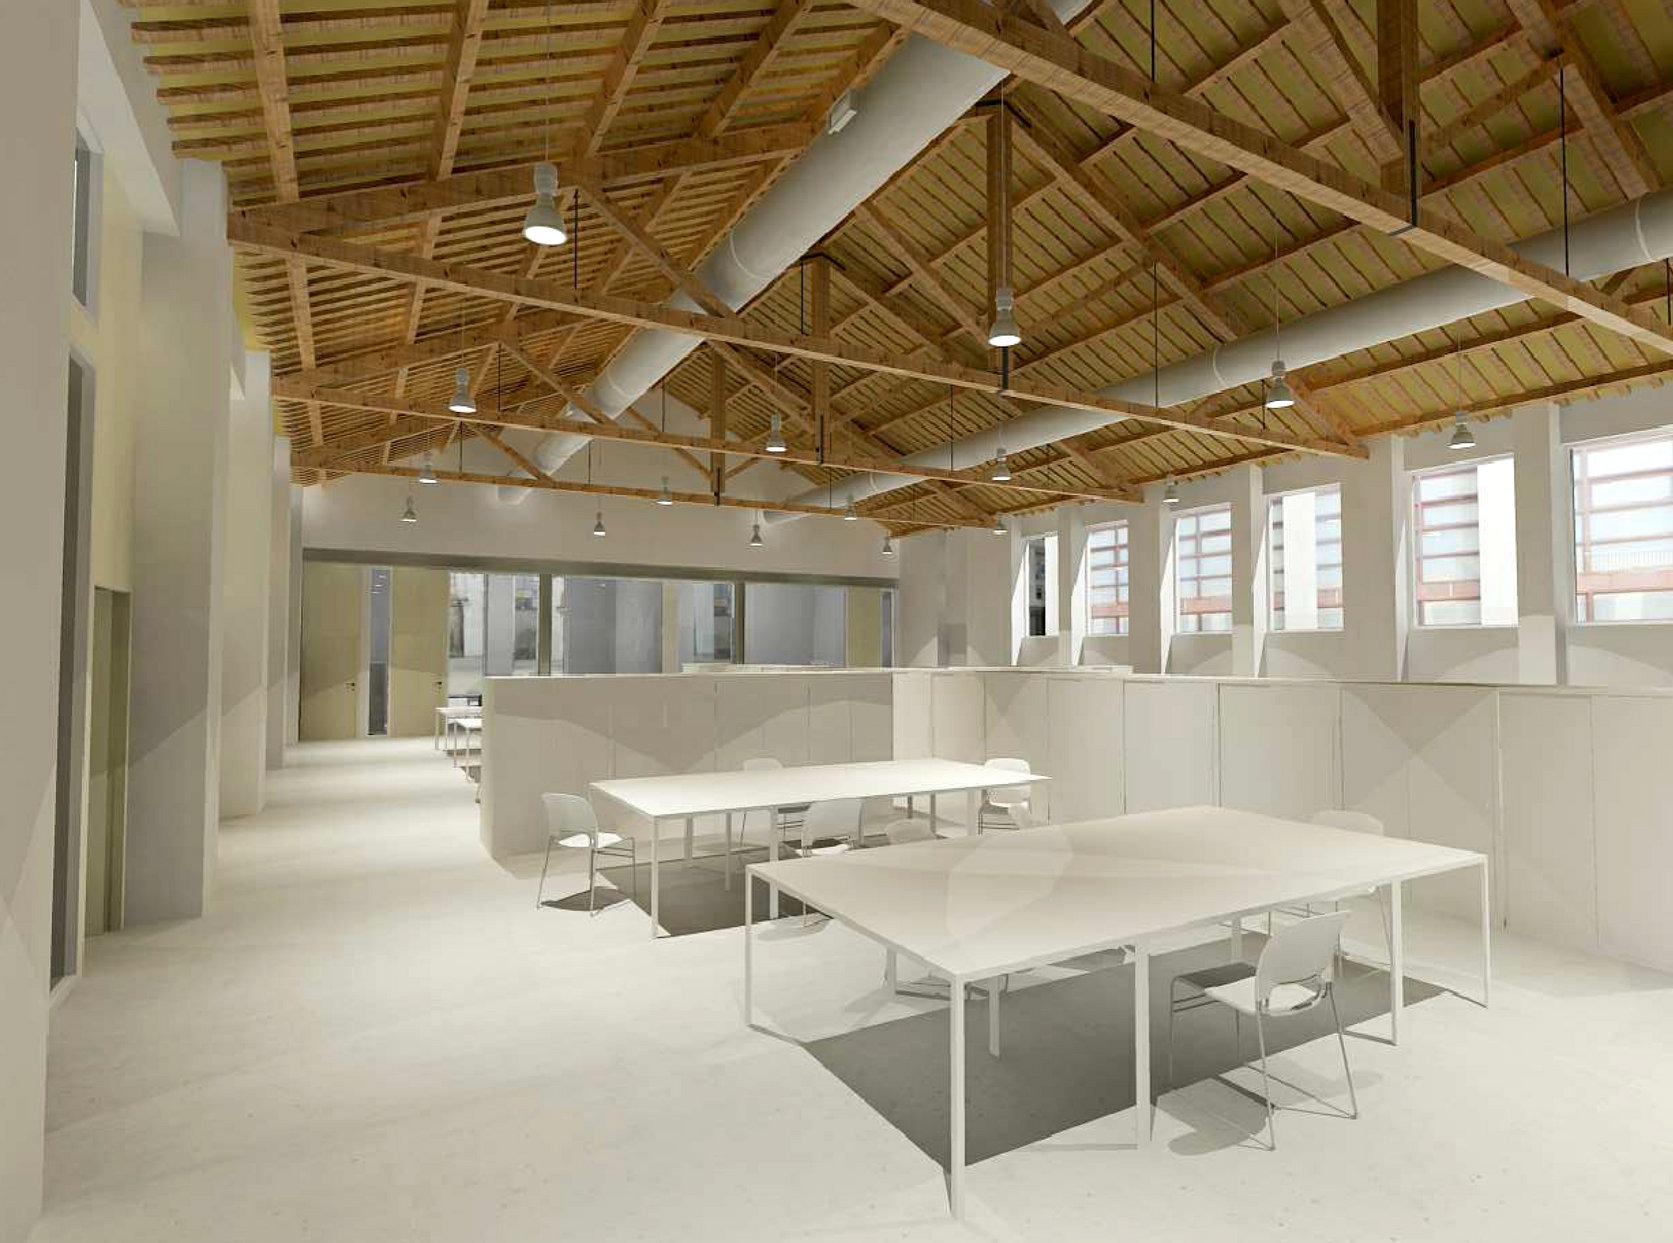 Una imatge virutal de l'ampliació de les instal·lacions del centre, situat a Roca Umbert